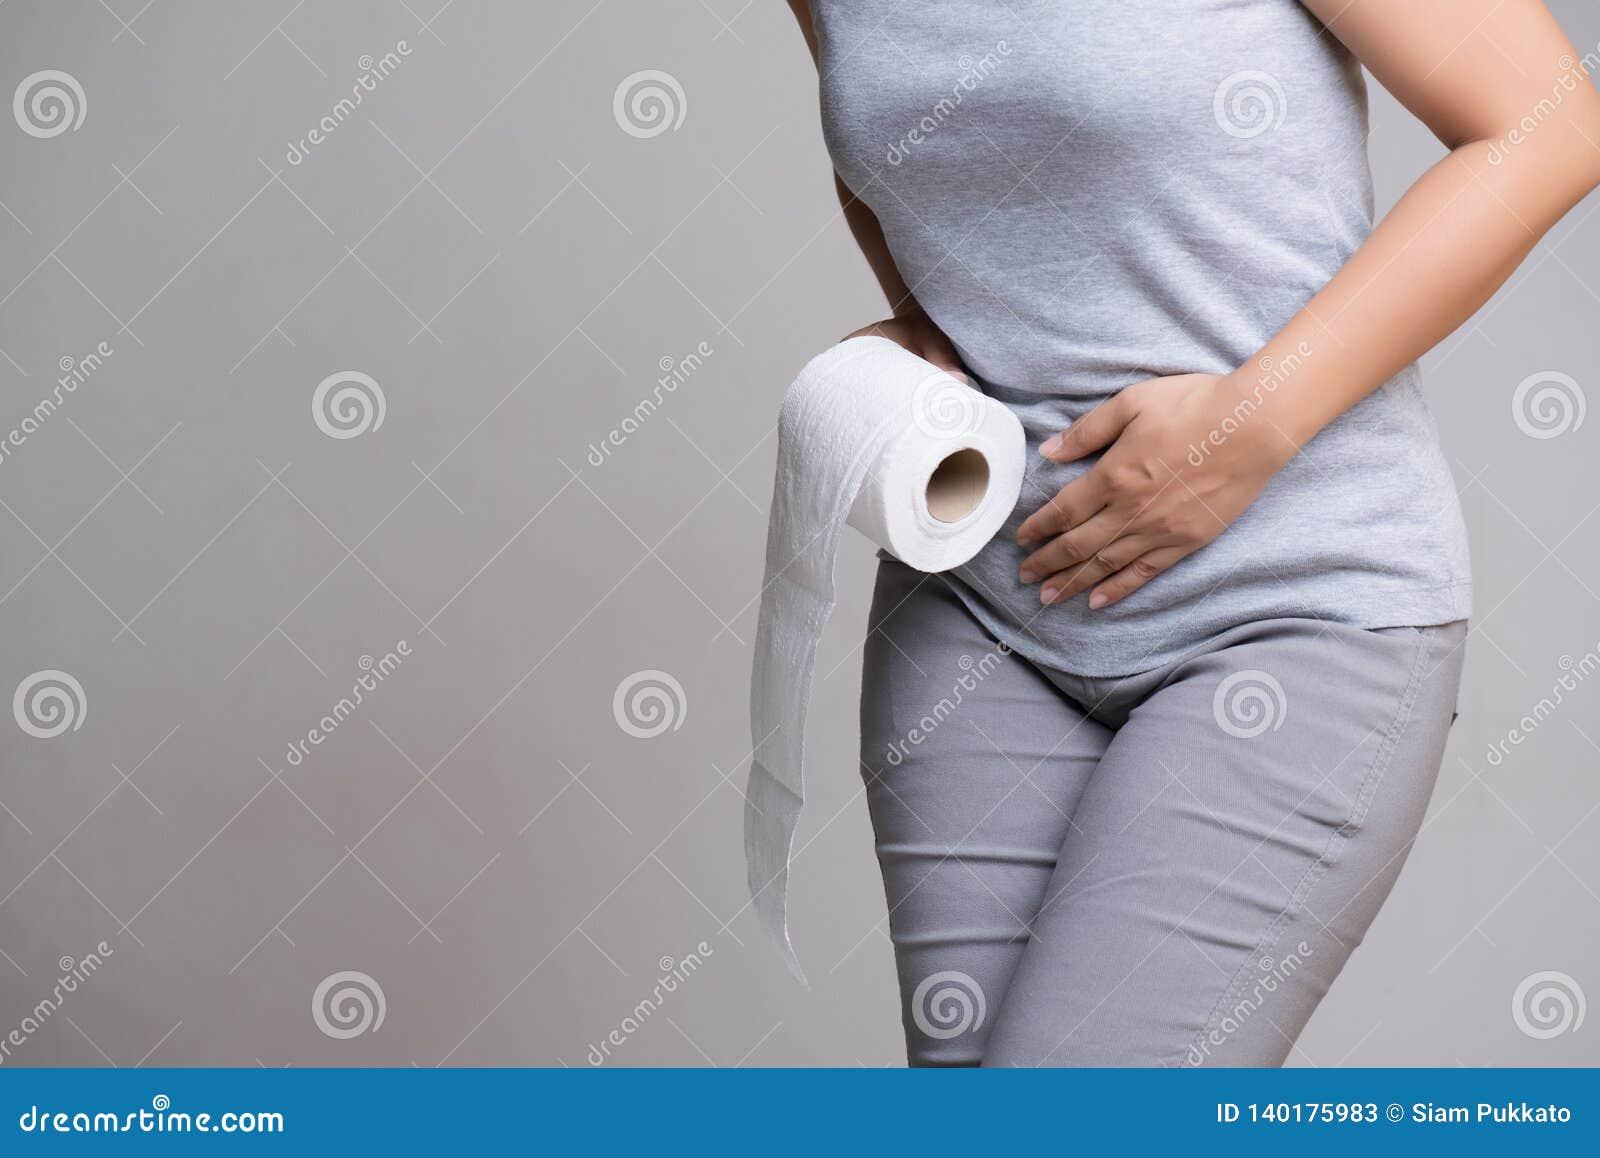 Kobiety ręka trzyma jej crotch papieru toaletowego, podbrzusza lub tkanki niską rolkę i Nieład, biegunka, incontinence być pojęci